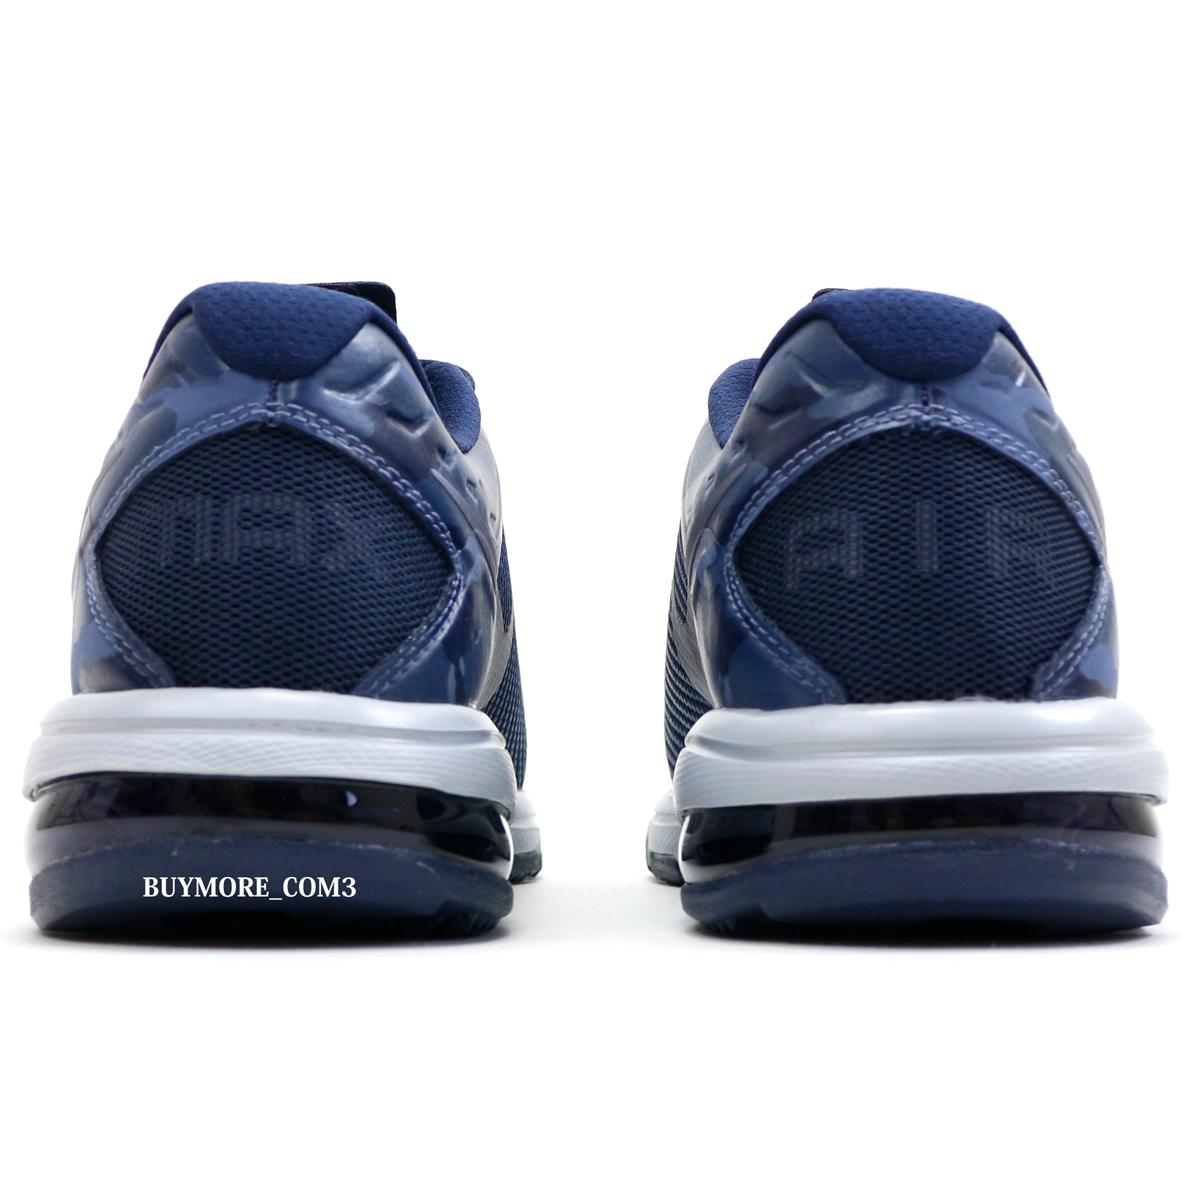 新品 Nike Air Max Full Ride TR 1.5 ナイキ エア マックス フル ライド TR 1.5 スニーカー 28㎝ ネイビーカモ 869633-401 ◆QZ014_画像5